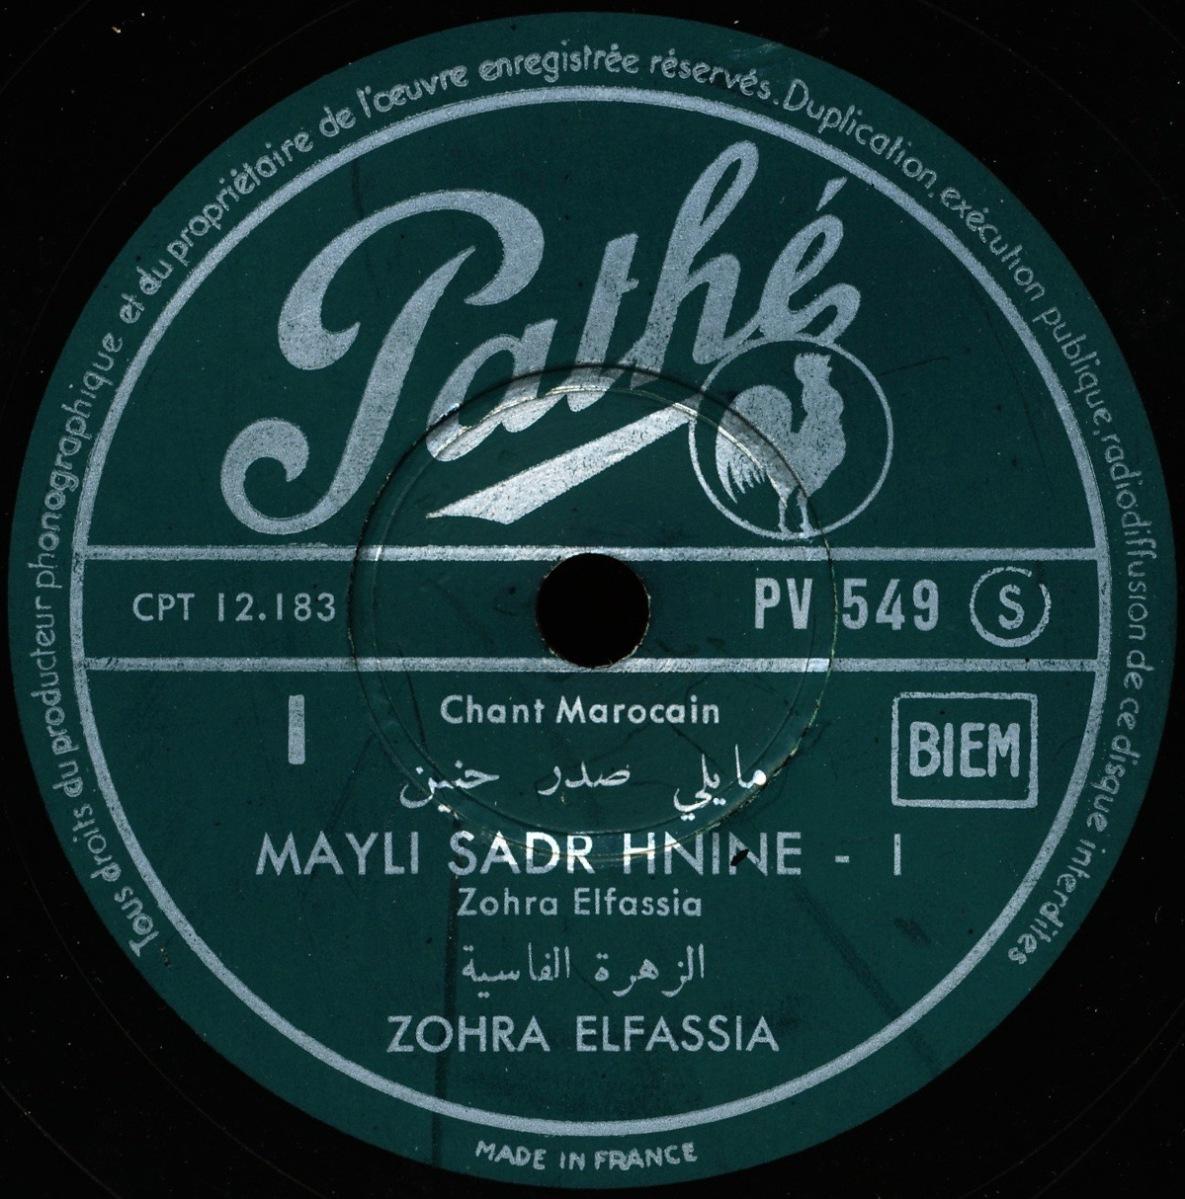 Zohra El Fassia – Mayli Sadr Hnine – Pathé, c. 1956